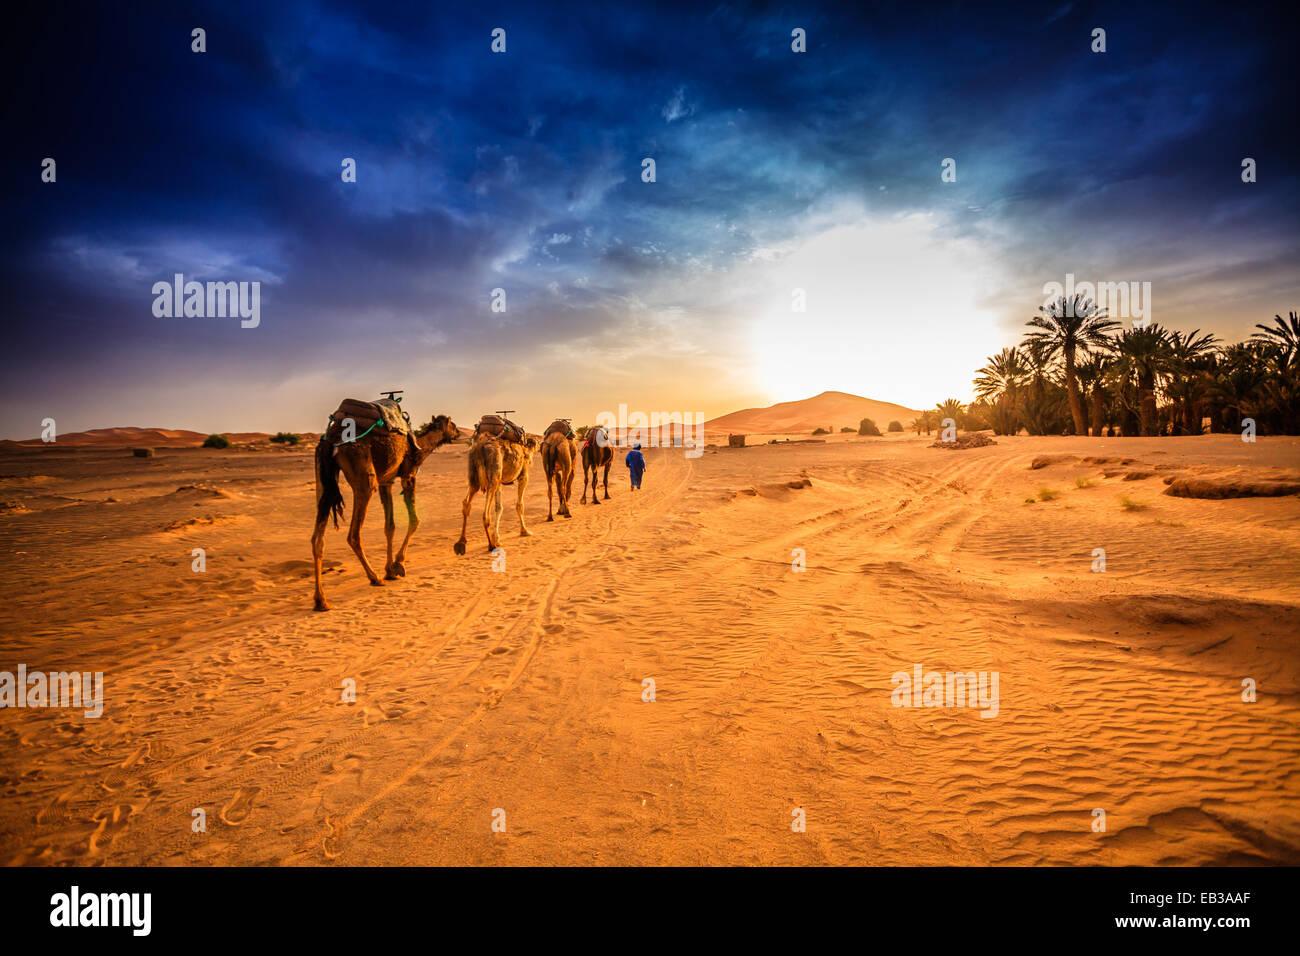 Caravana de camellos en el desierto del Sahara, Marruecos Imagen De Stock